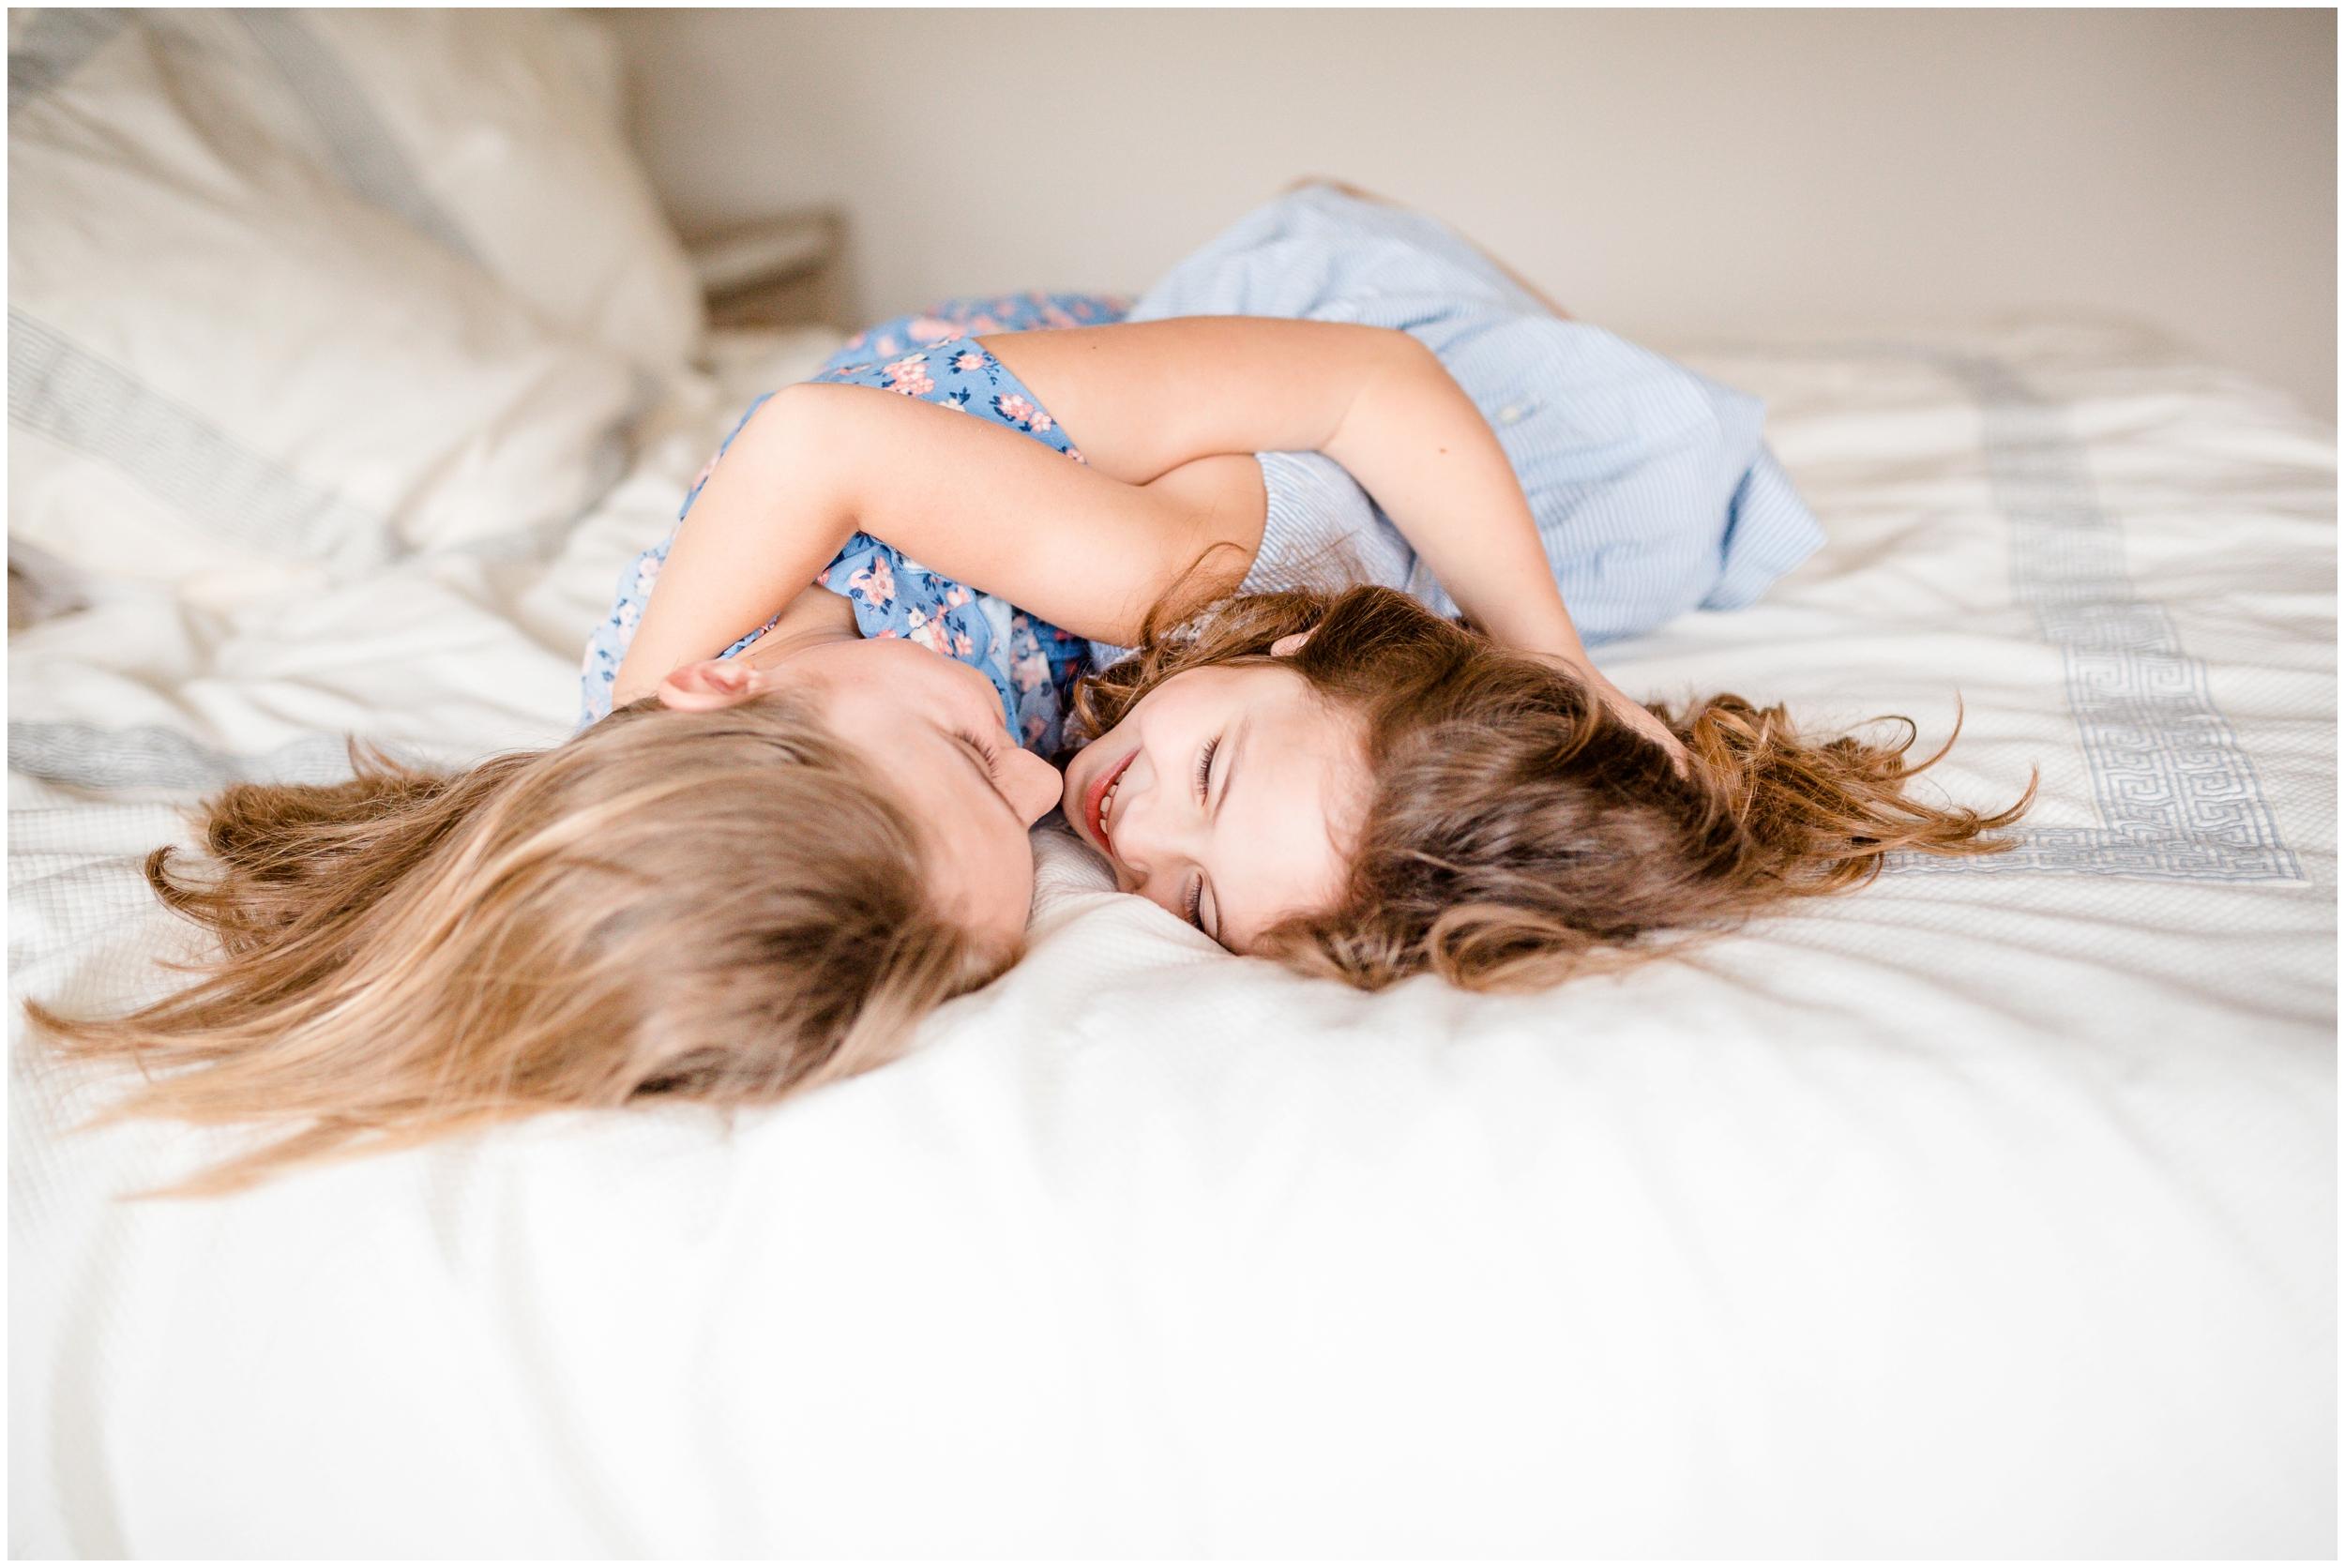 lexington-ky-family-lifestyle-photography-Priscilla-Baierlein-Photography_0266.jpg